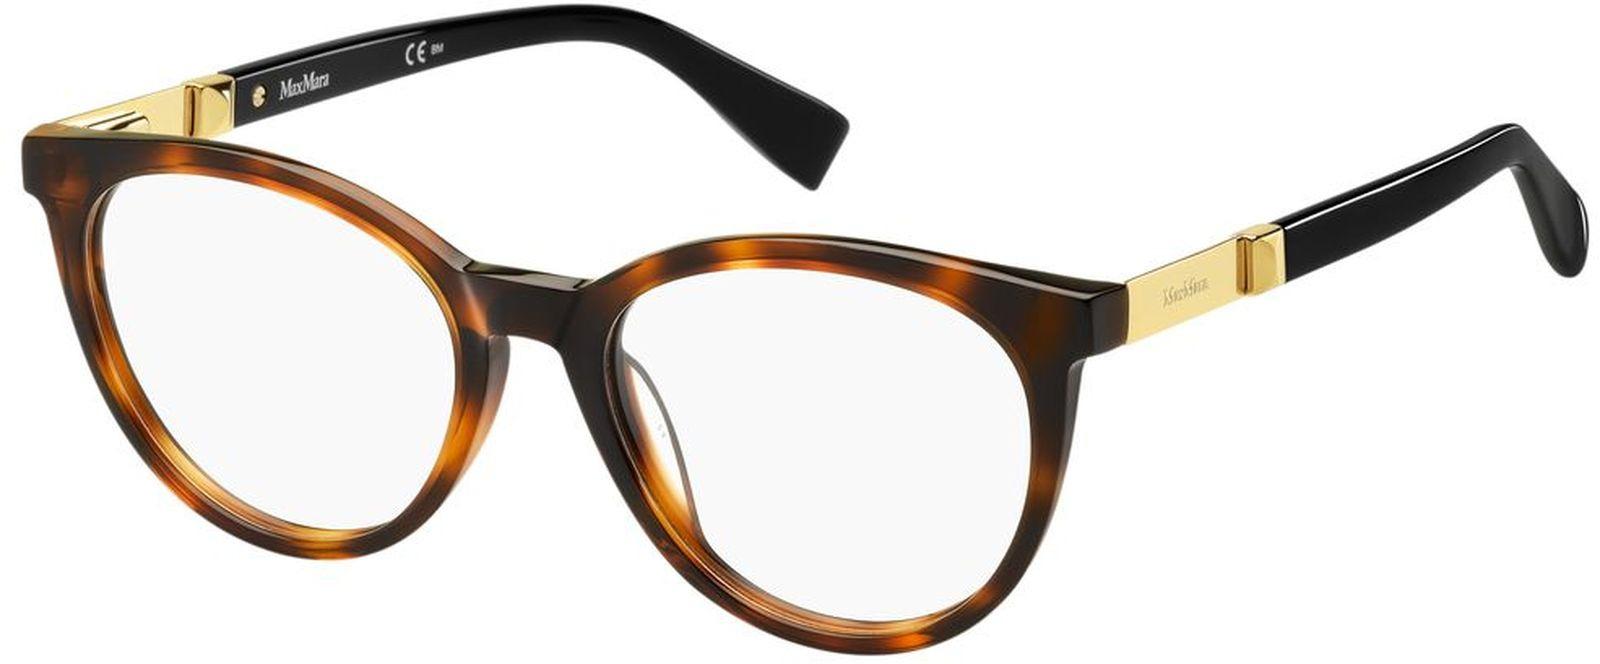 Оправа для очков женская Maxmara 1307, MAX-1001605815118, коричневый оправа max